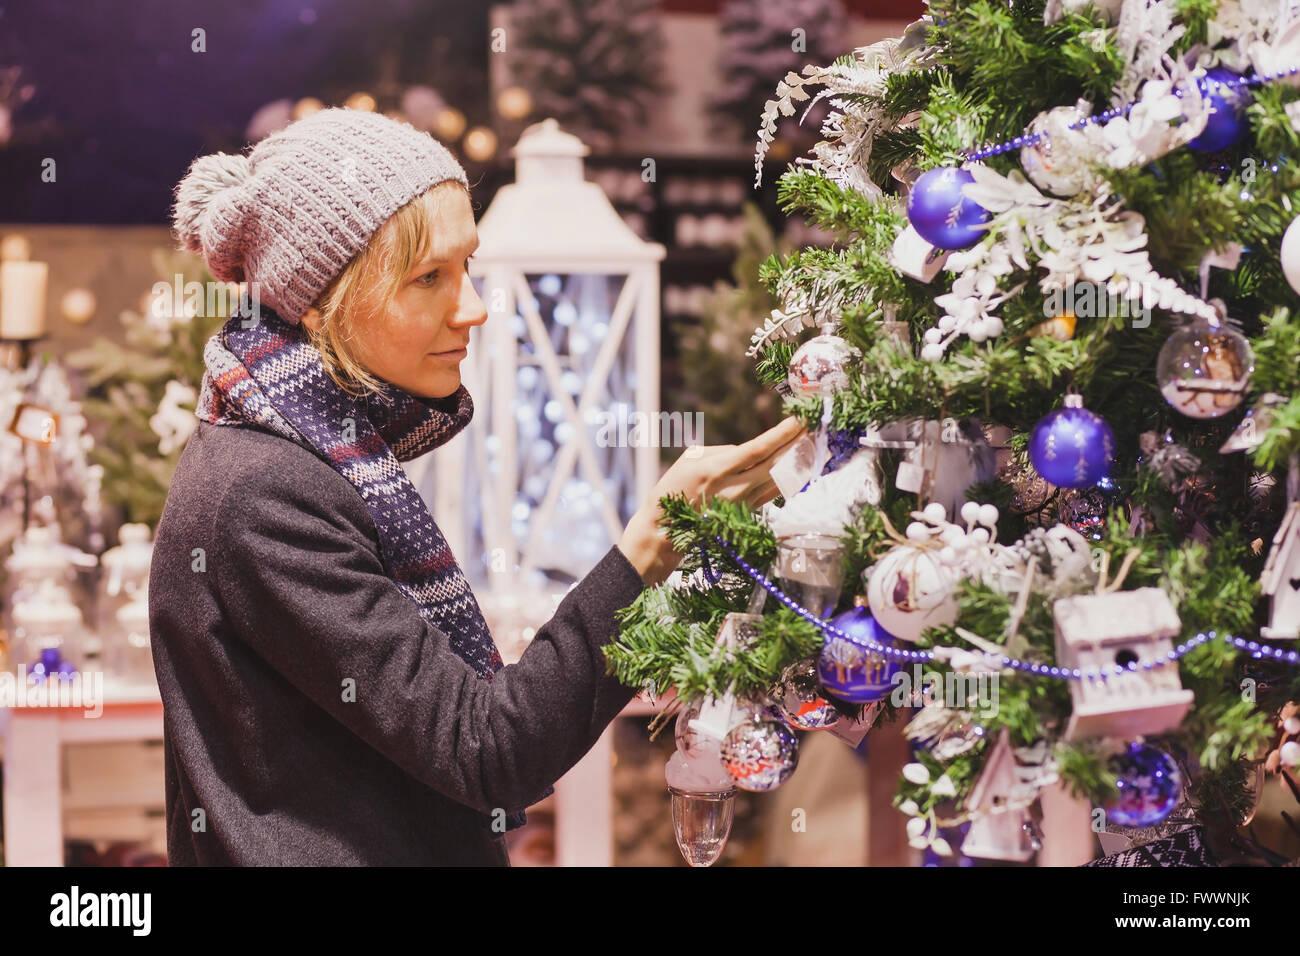 Le persone al mercato di natale, Donna scelta di decorazione di festa nel negozio Immagini Stock